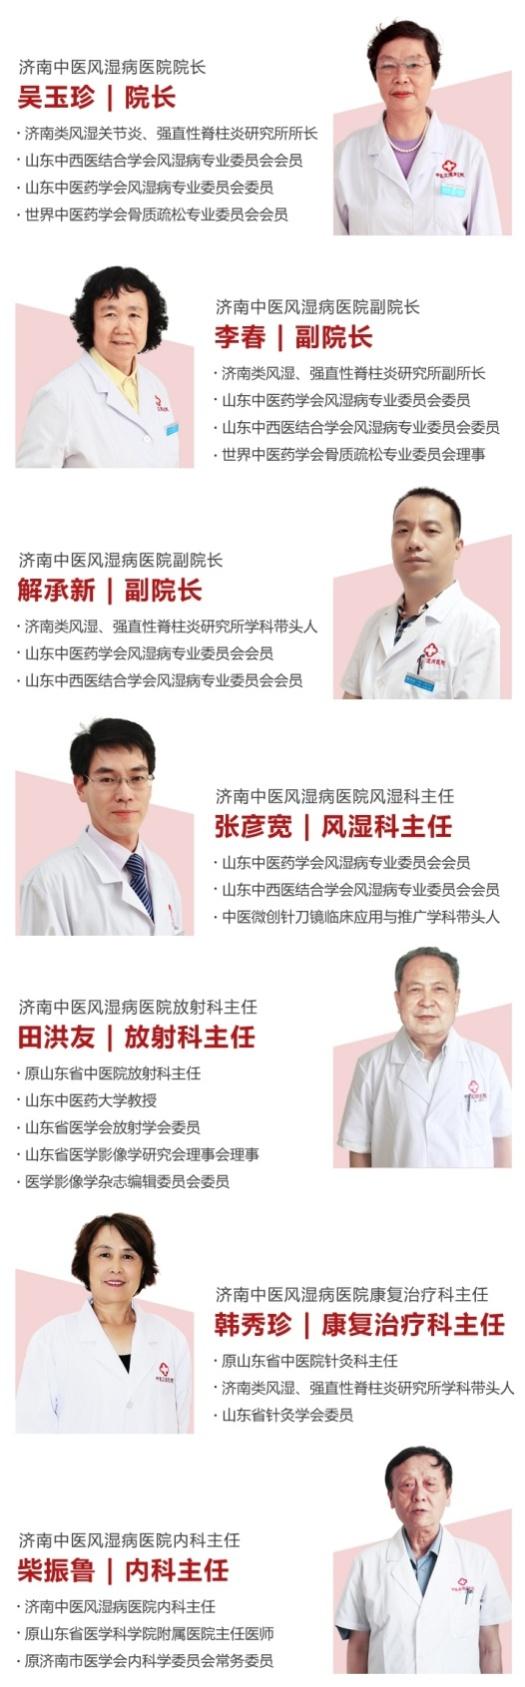 济南中医风湿病医院名医专家多学科会诊规范治疗风湿疾病